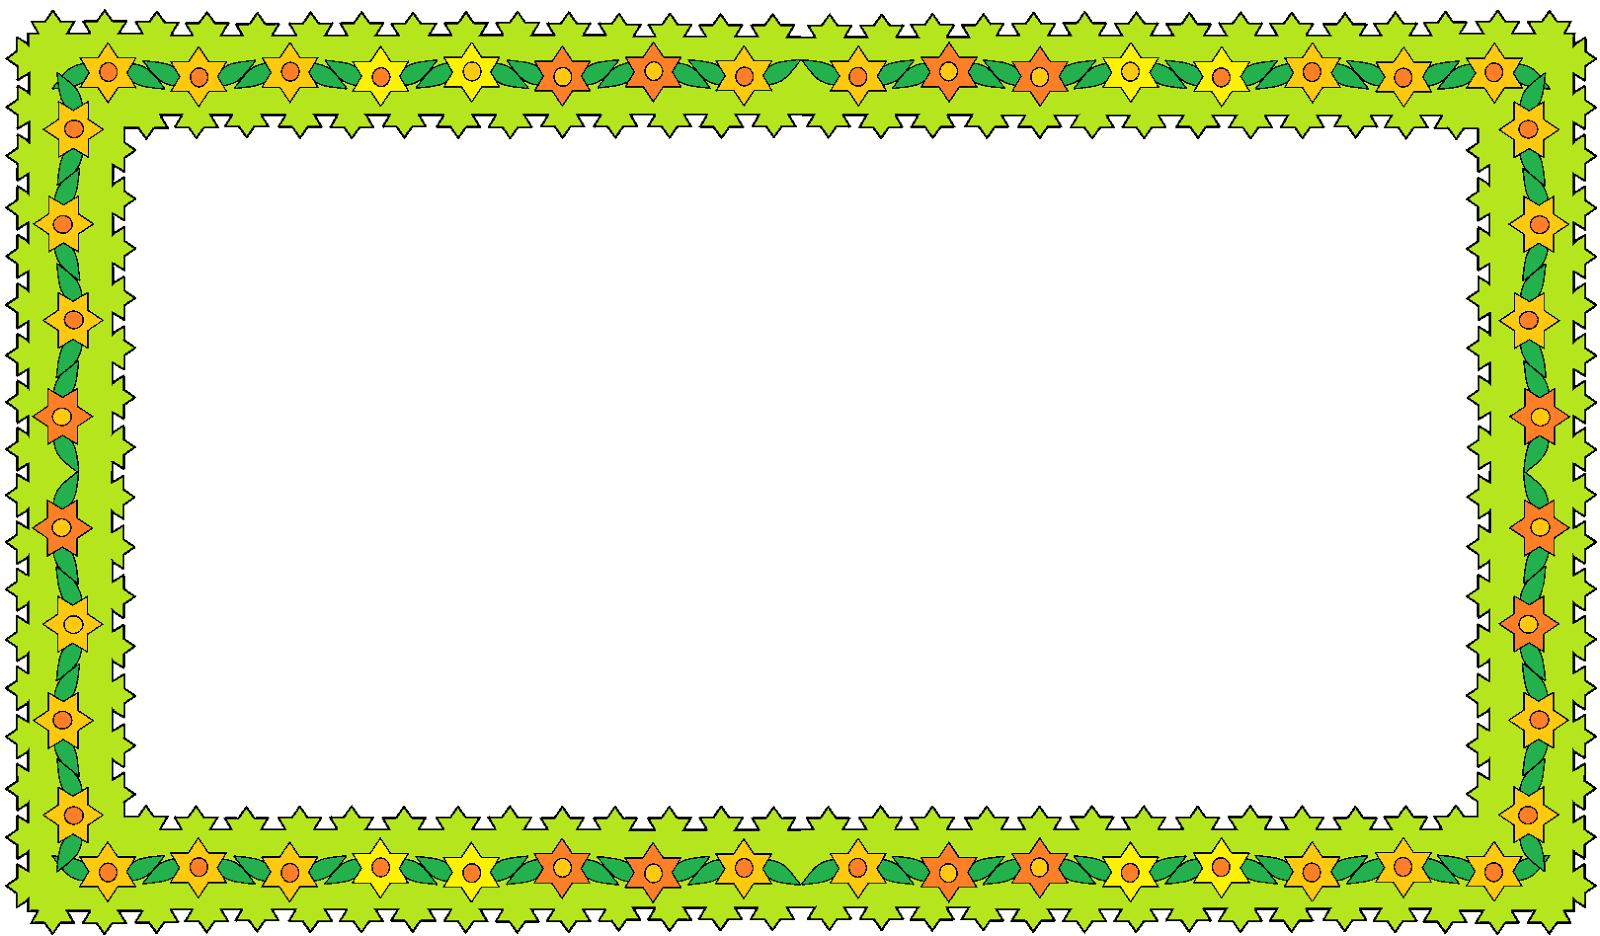 Mi escuelita multigrado marcos escudos y logotipos - Marcos transparentes ...